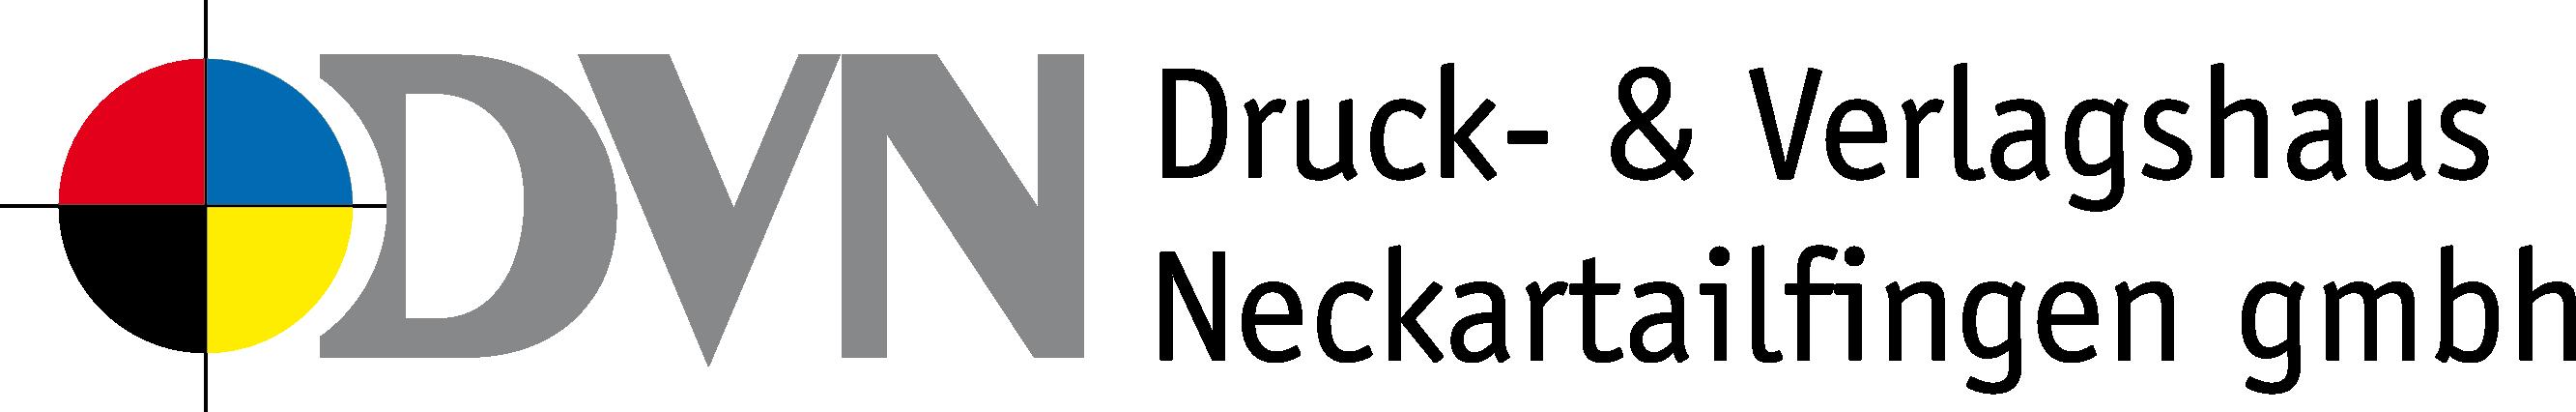 DVN-Artikelübersicht